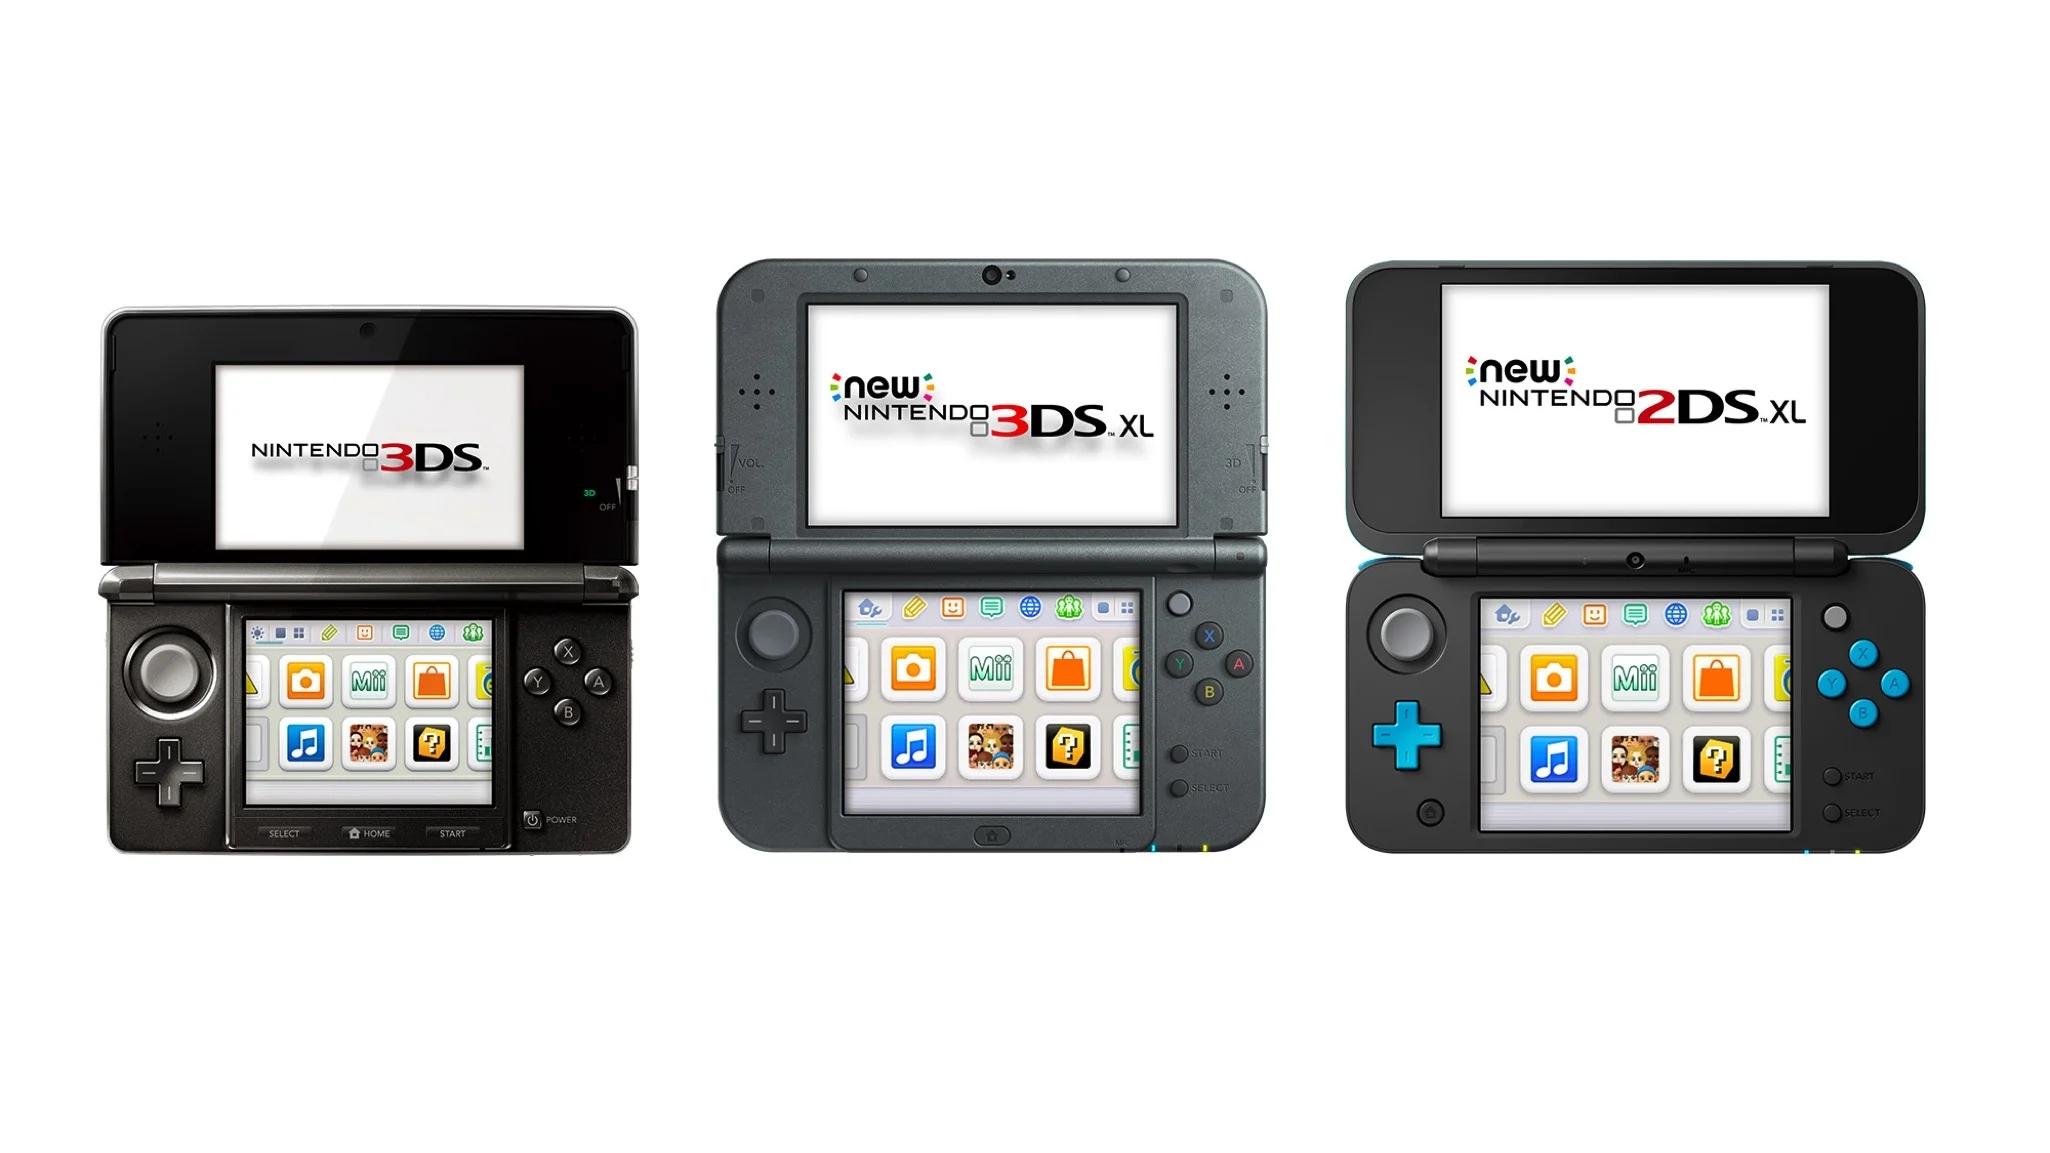 任天堂将终止3DS和Wii U的eShop部分充值渠道 部分服务变动